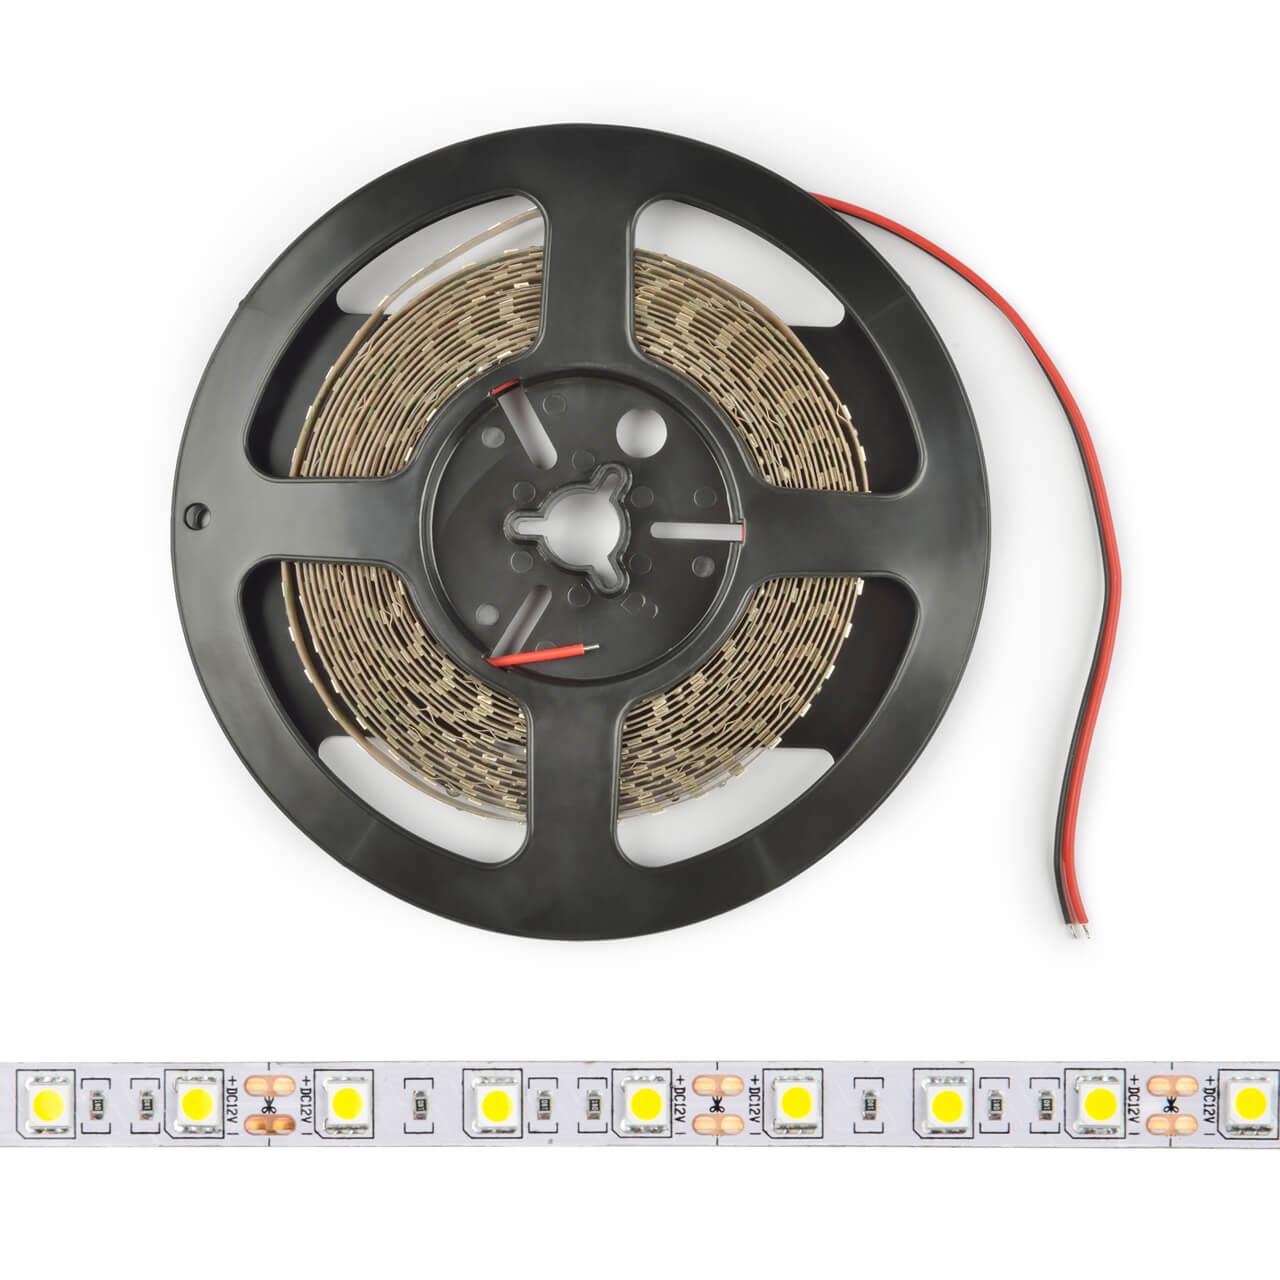 цена на Светодиодная лента (UL-00004370) Uniel 7,2W/m 30LED/m 5050SMD теплый белый 5M ULS-M22-5050-30LED/m-10mm-IP20-DC12V-7,2W/m-5M-3000K PROFI